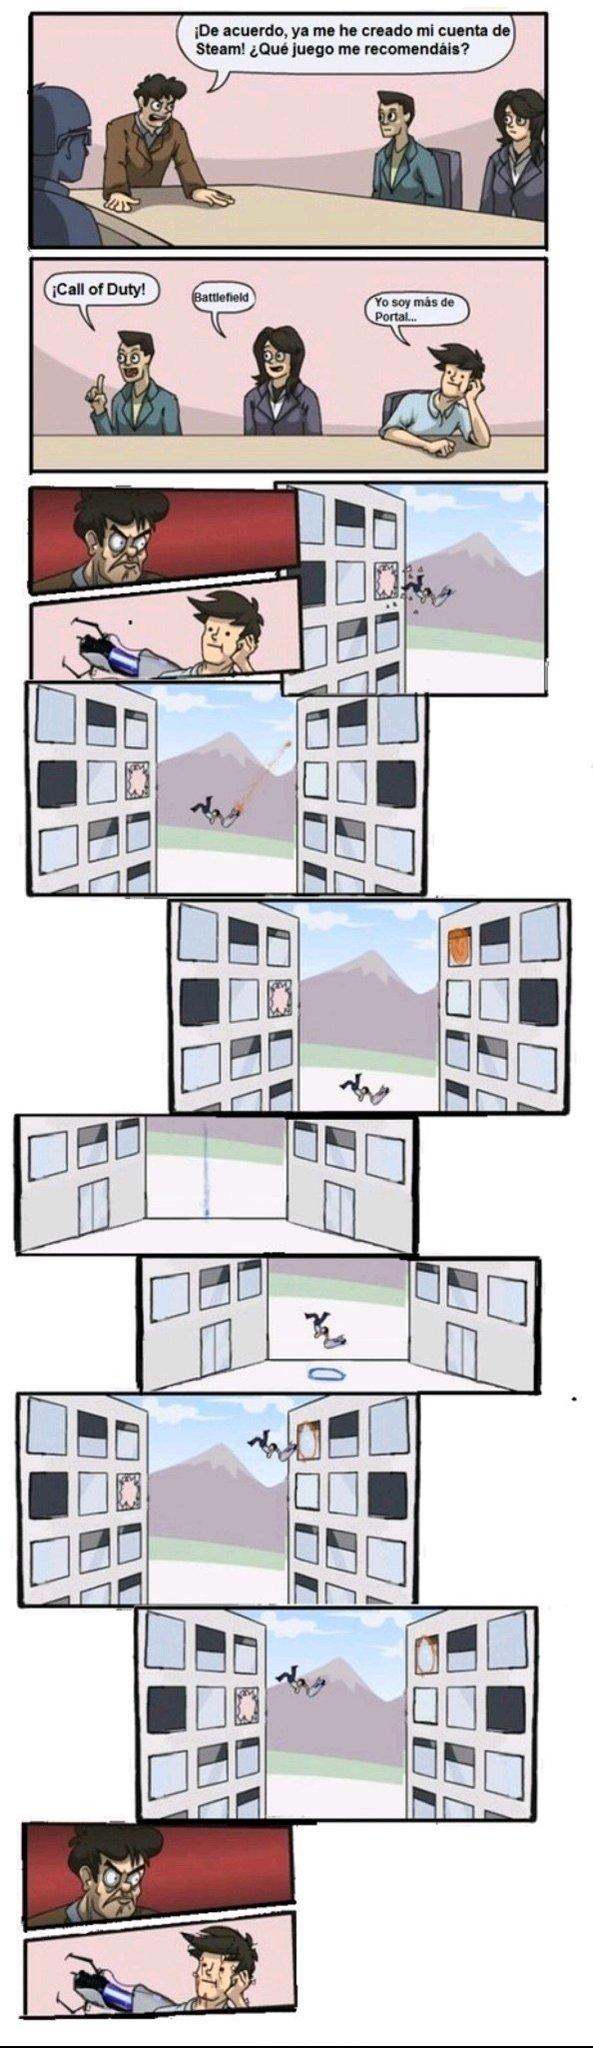 Me encanta portal - meme